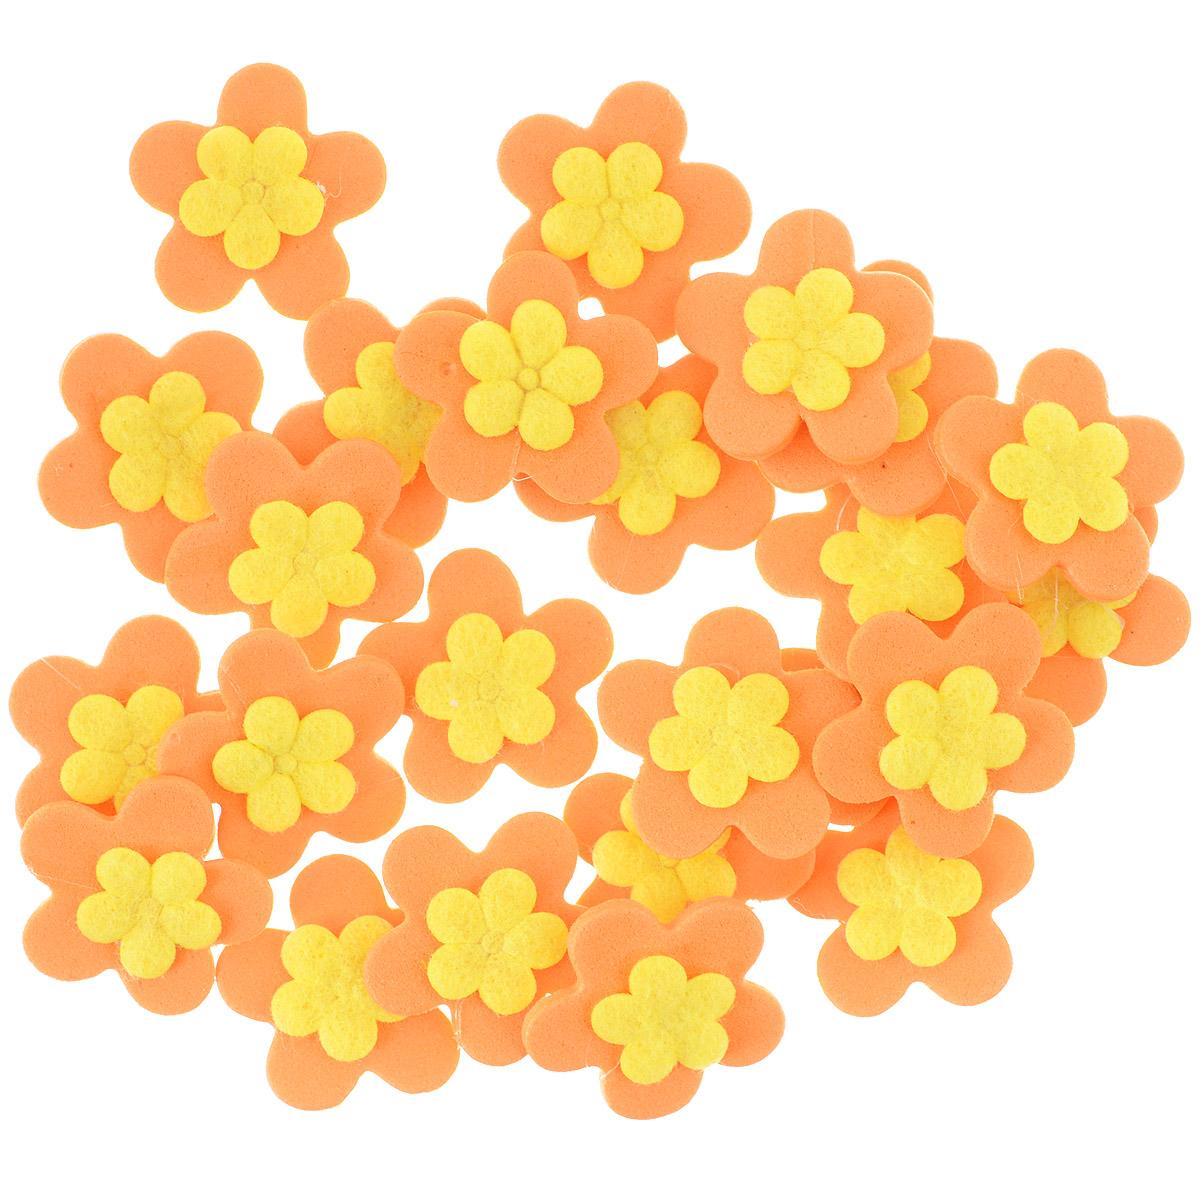 Набор декоративных украшений Home Queen Кувшинки, на клейкой основе, цвет: оранжевый, желтый, 24 шт35008Набор Home Queen Кувшинки состоит из 24 декоративных элементов и предназначен для украшения яиц, посуды, стекла, керамики, металла, цветочных горшков, ваз и других предметов интерьера. Украшения изготовлены из вспененной резины в виде цветов и фиксируются при помощи специальной клейкой основы. Такой набор украшений создаст атмосферу праздника в вашем доме. Размер фигурки: 2,3 см х 0,4 см х 2,3 см.Материал: вспененная резина.